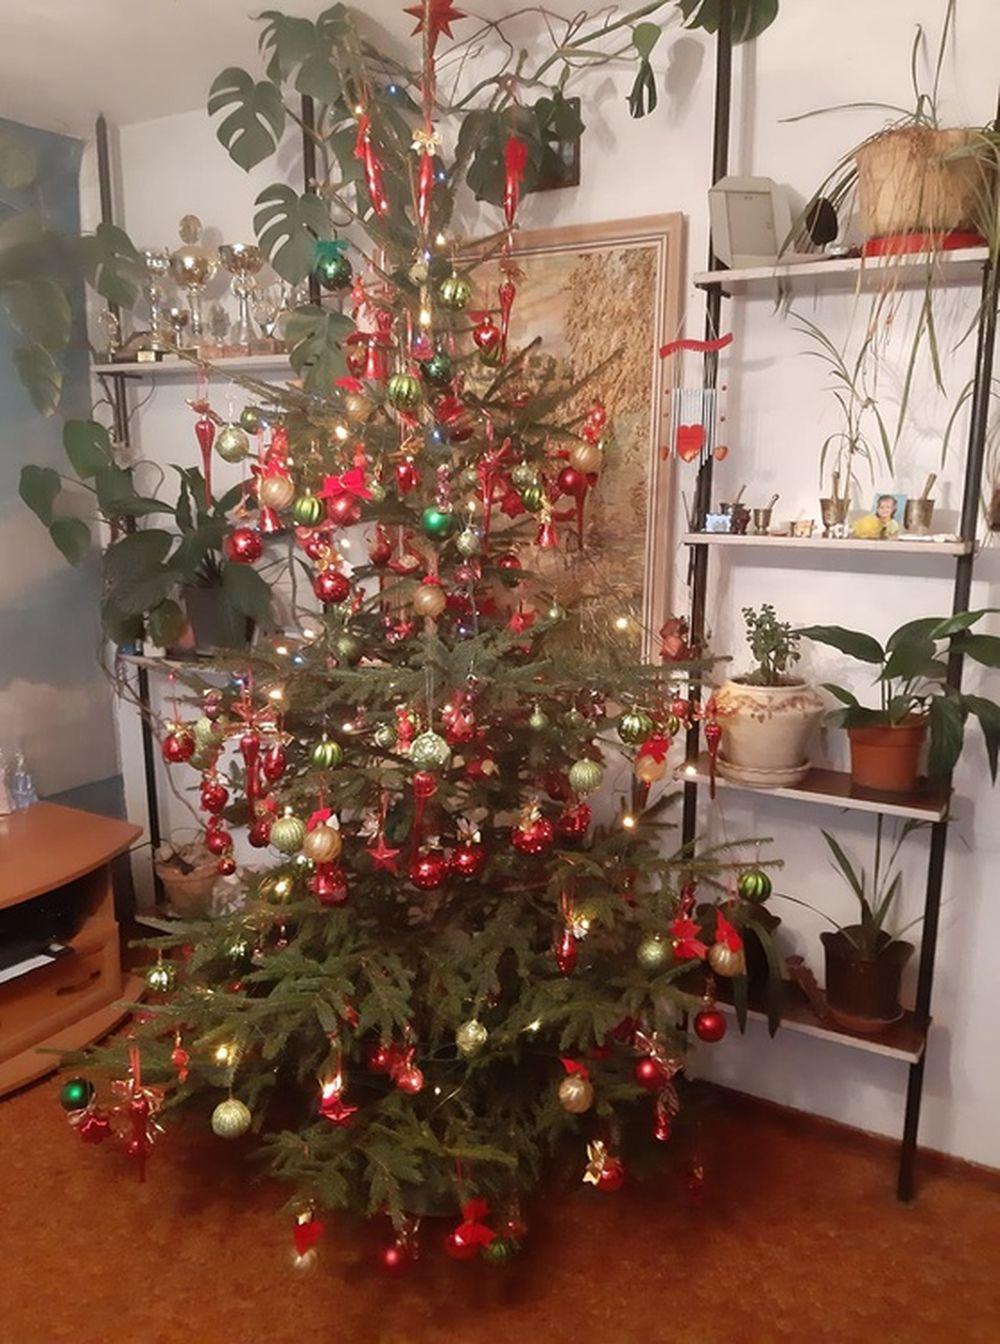 FOTO: Vianočné stromčeky v Žiline - výber fotografií našich čitateľov, foto 66